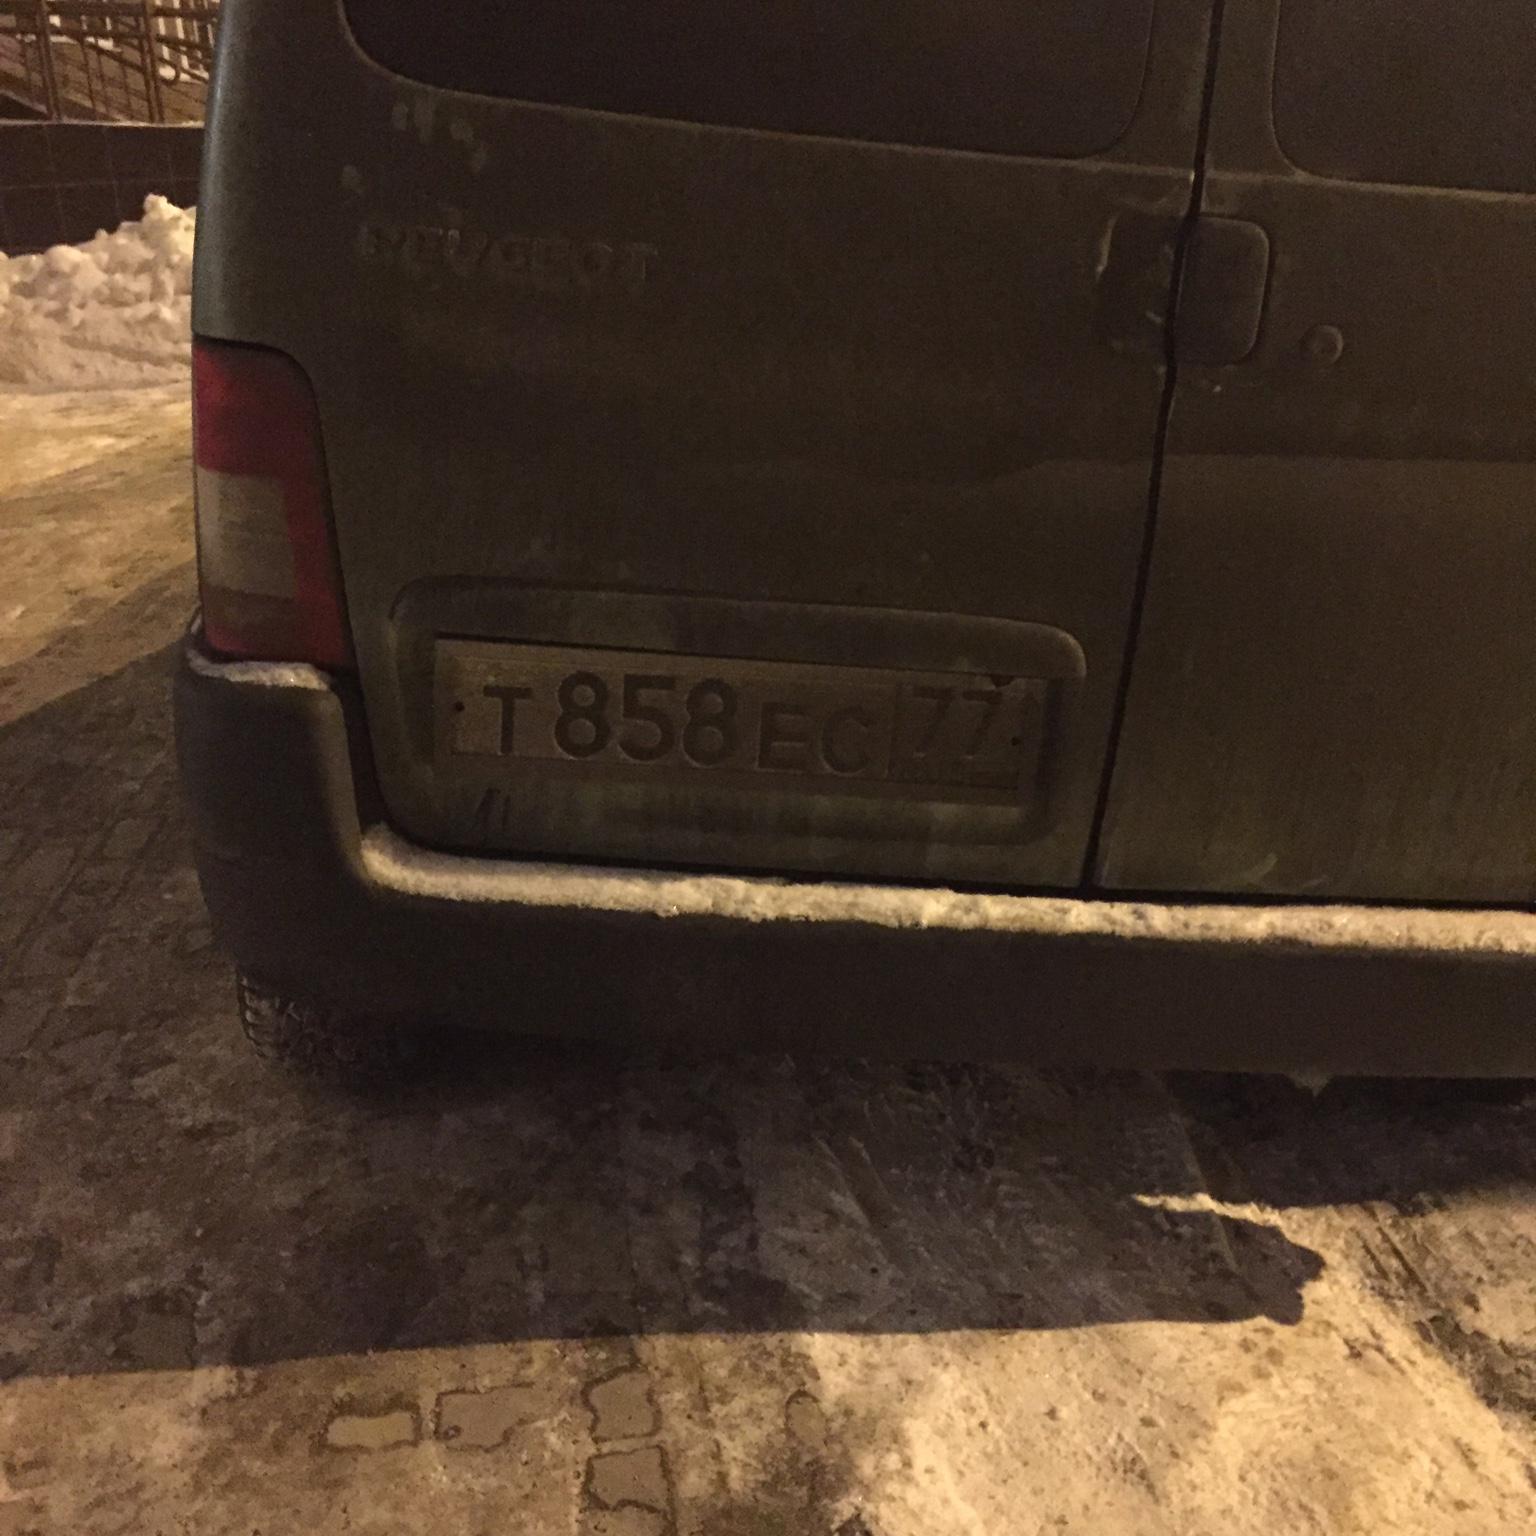 e7d86fdb1fb677f91730495996ff1060.jpg